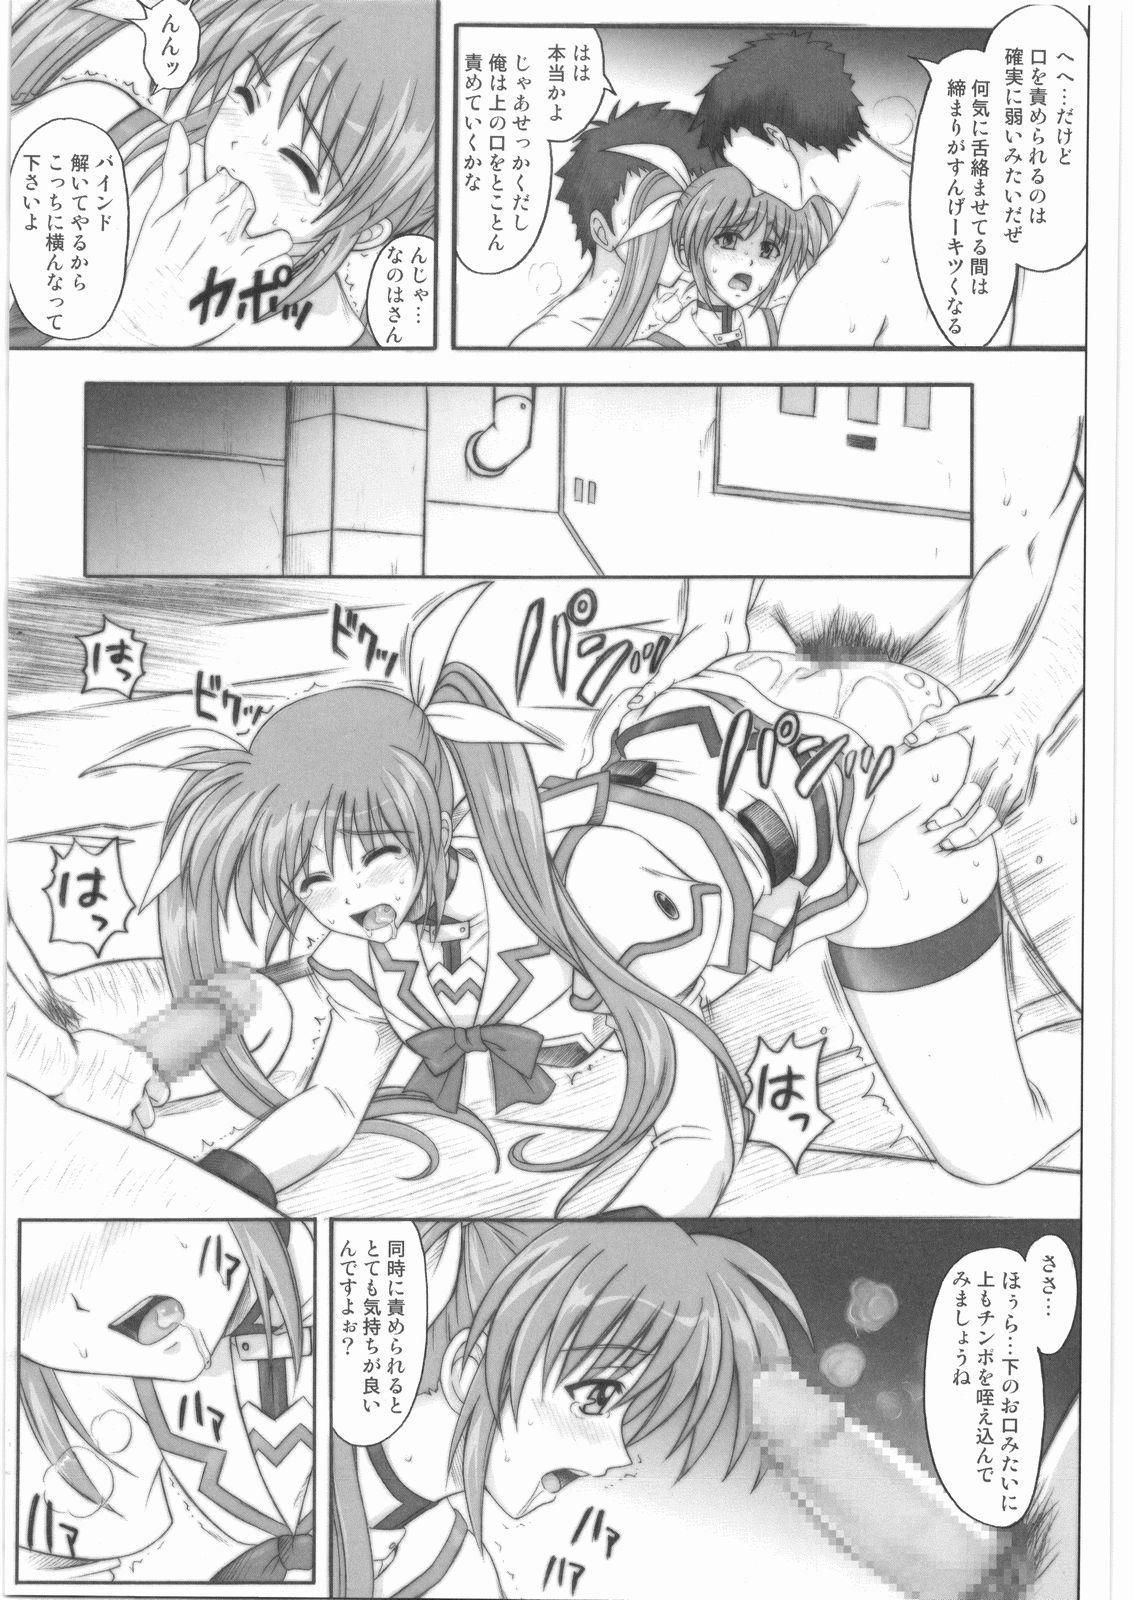 1001 Kyoudoukan Soushuuhen 49